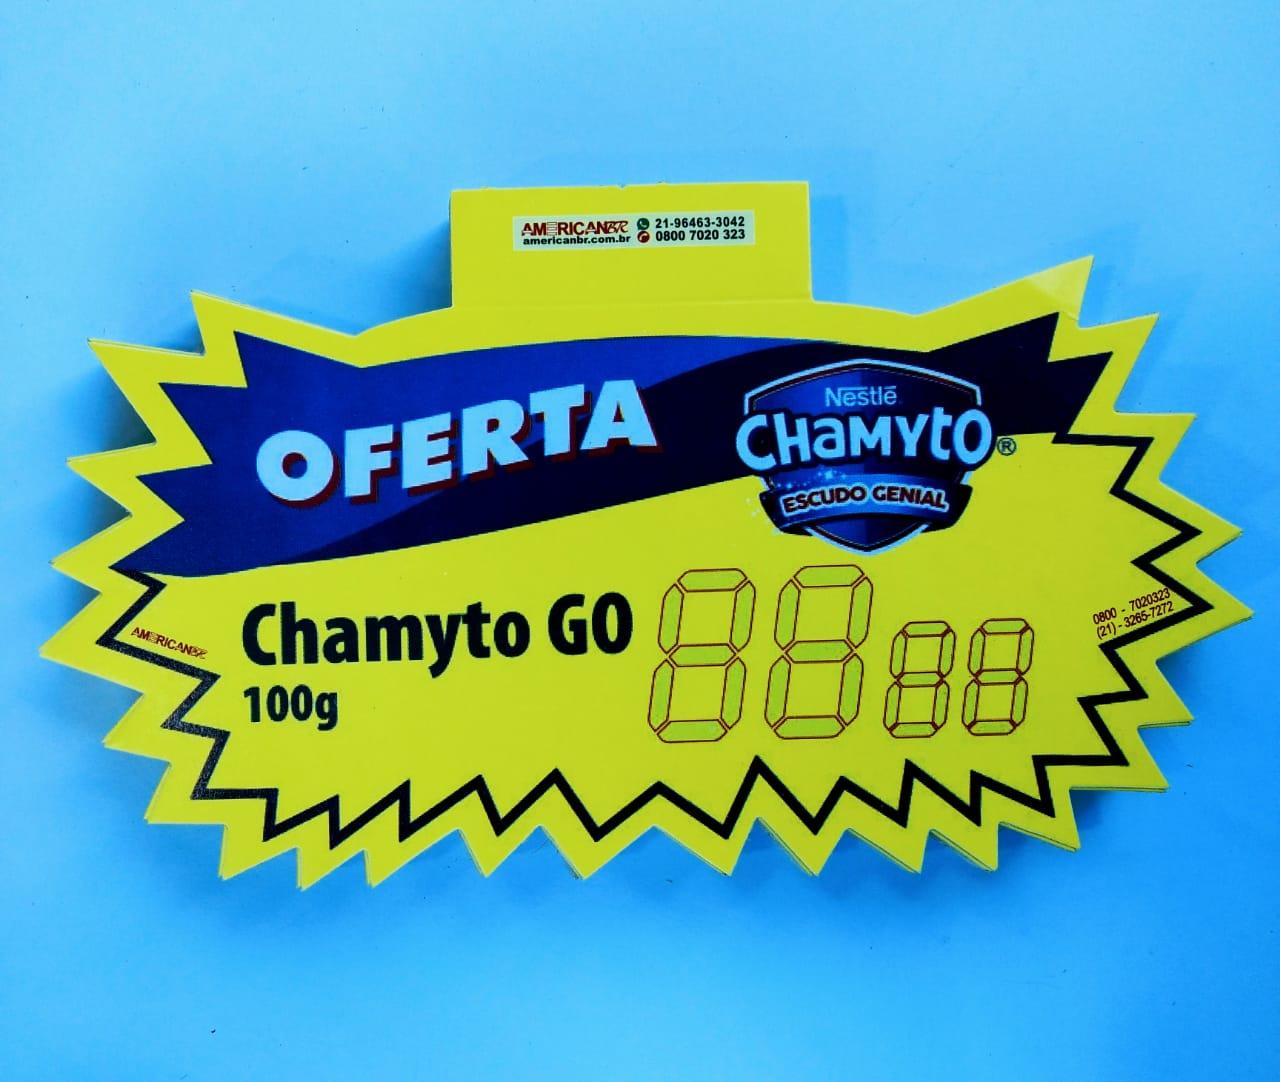 SPLASH OFERTA NESTLÉ CHAMYTO GO 12X20CM (C/50 UNIDADES)